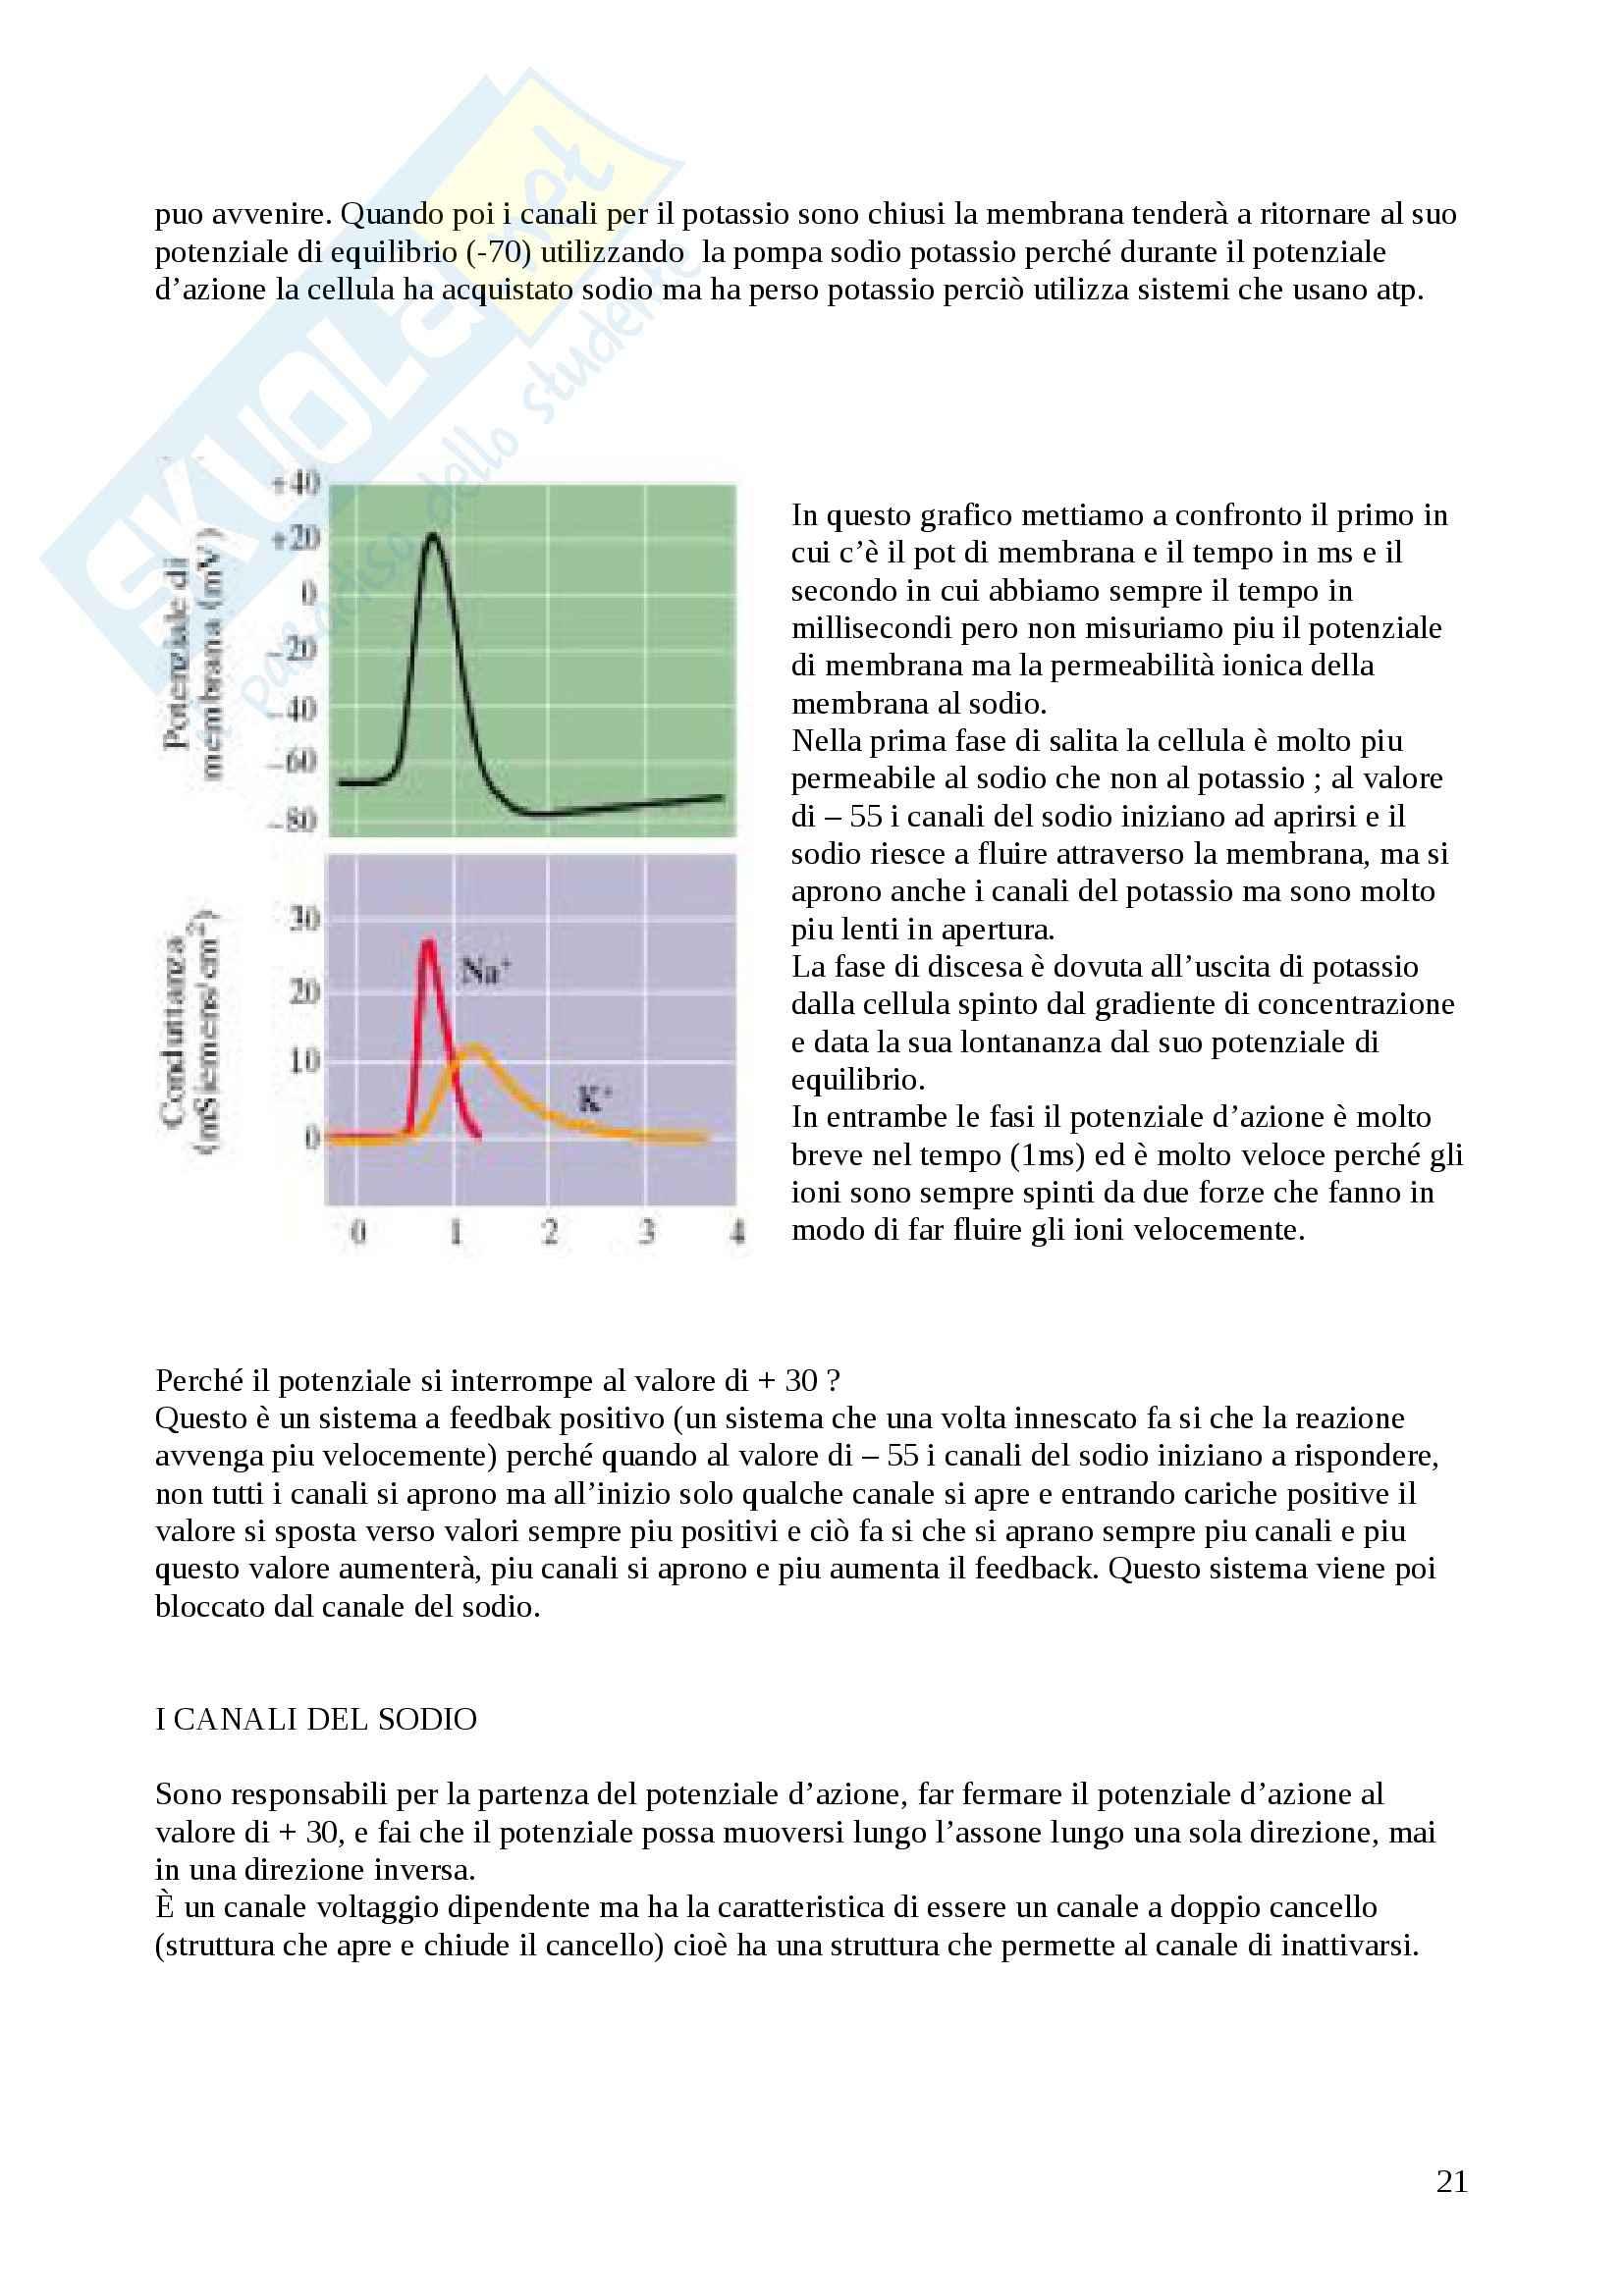 Riassunto esame Fisiologia degli organi e degli apparati, prof. Protasi Pag. 21